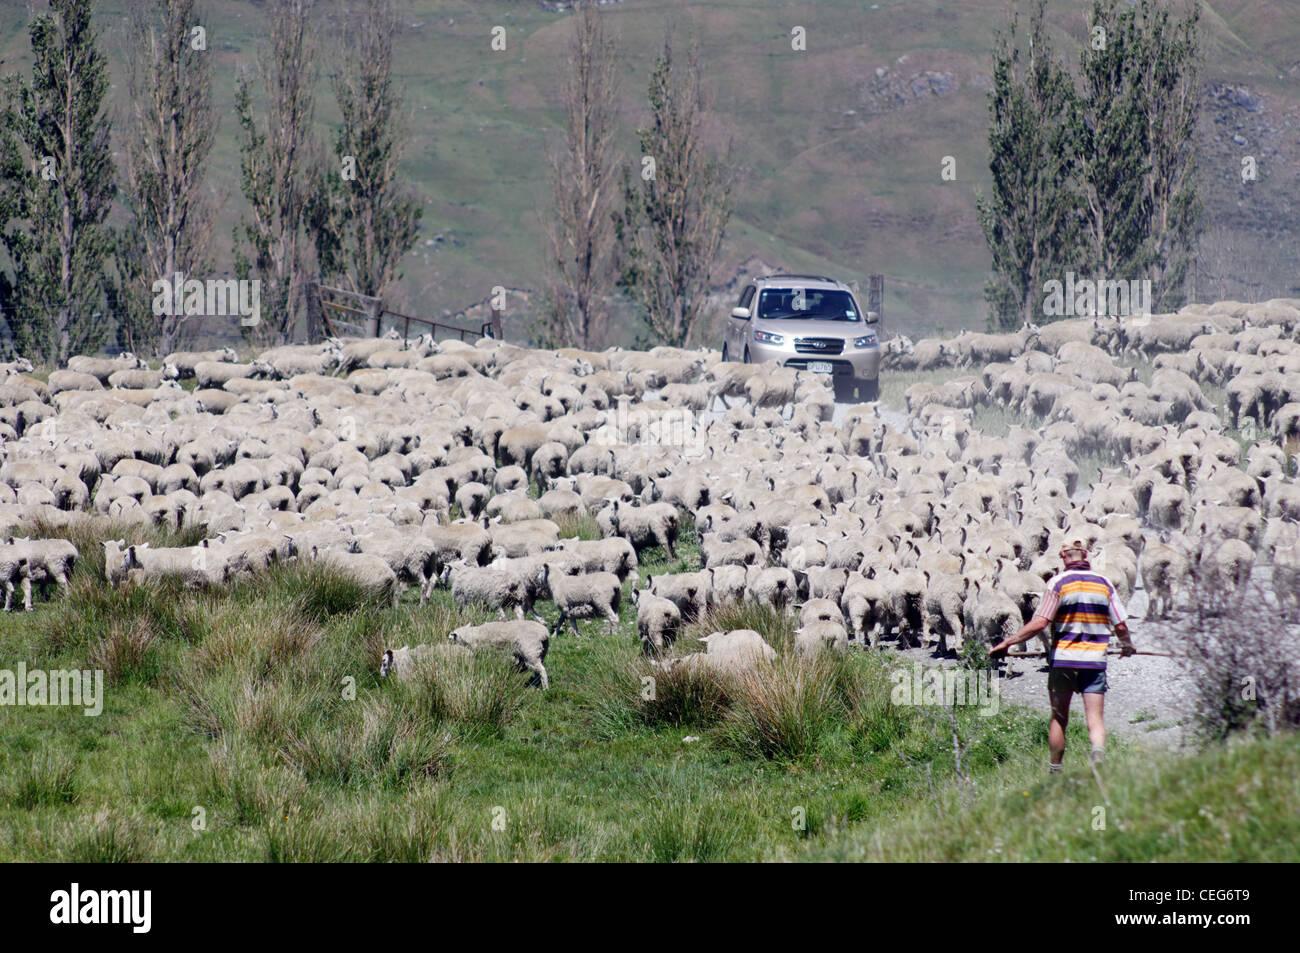 sheep-blocking-the-road-in-mount-aspirin